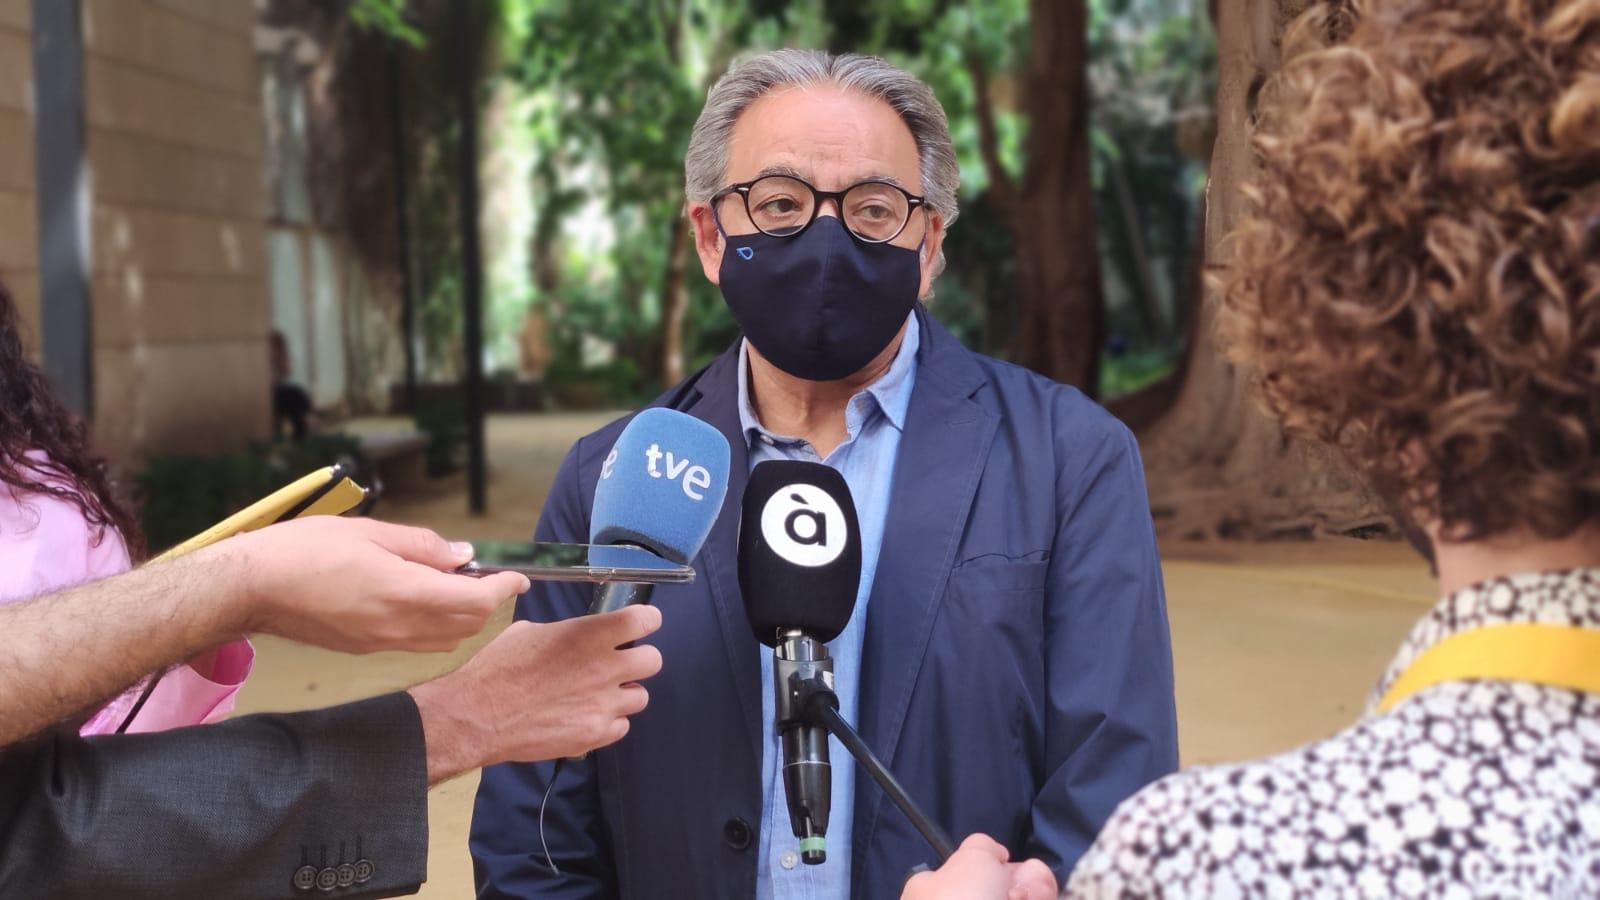 """You are currently viewing Mata posa en valor """"el diàleg i l'empatia"""" del president Ximo Puig davant la posició del PPCV de """"arraconar la democràcia"""""""